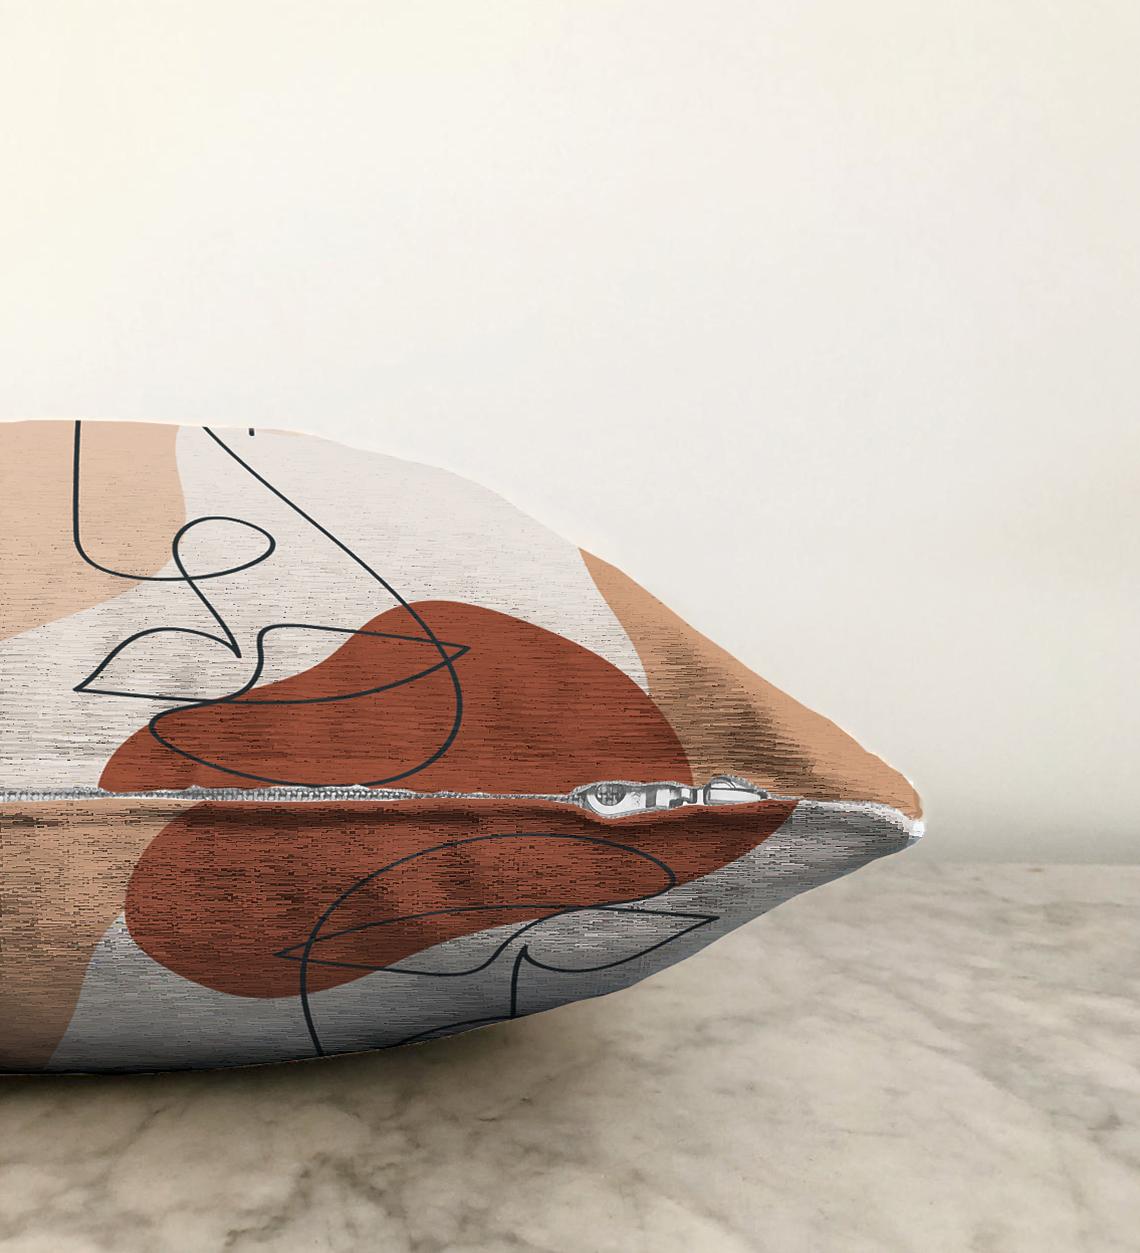 Realhomes Çift Taraflı Bohemian Özel Tasarım Dekoratif Şönil Yastık Kırlent Kılıfı - 55 x 55 cm Realhomes